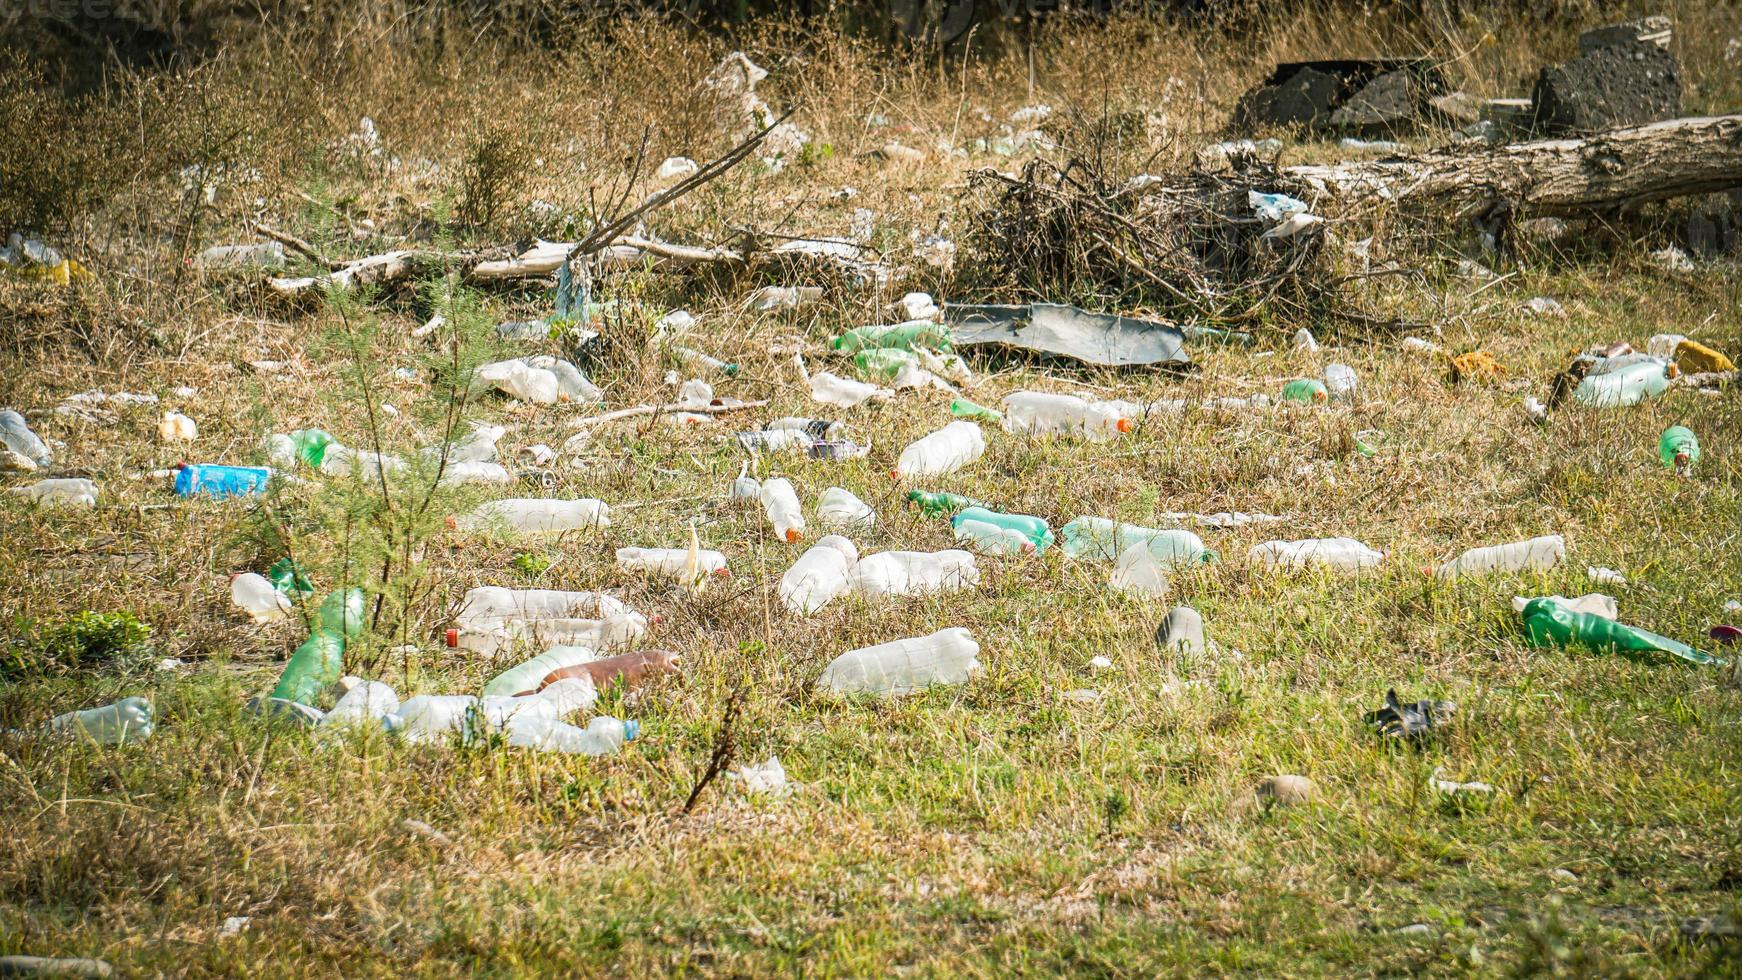 Müll am Flussufer - Müll am Flussufer foto